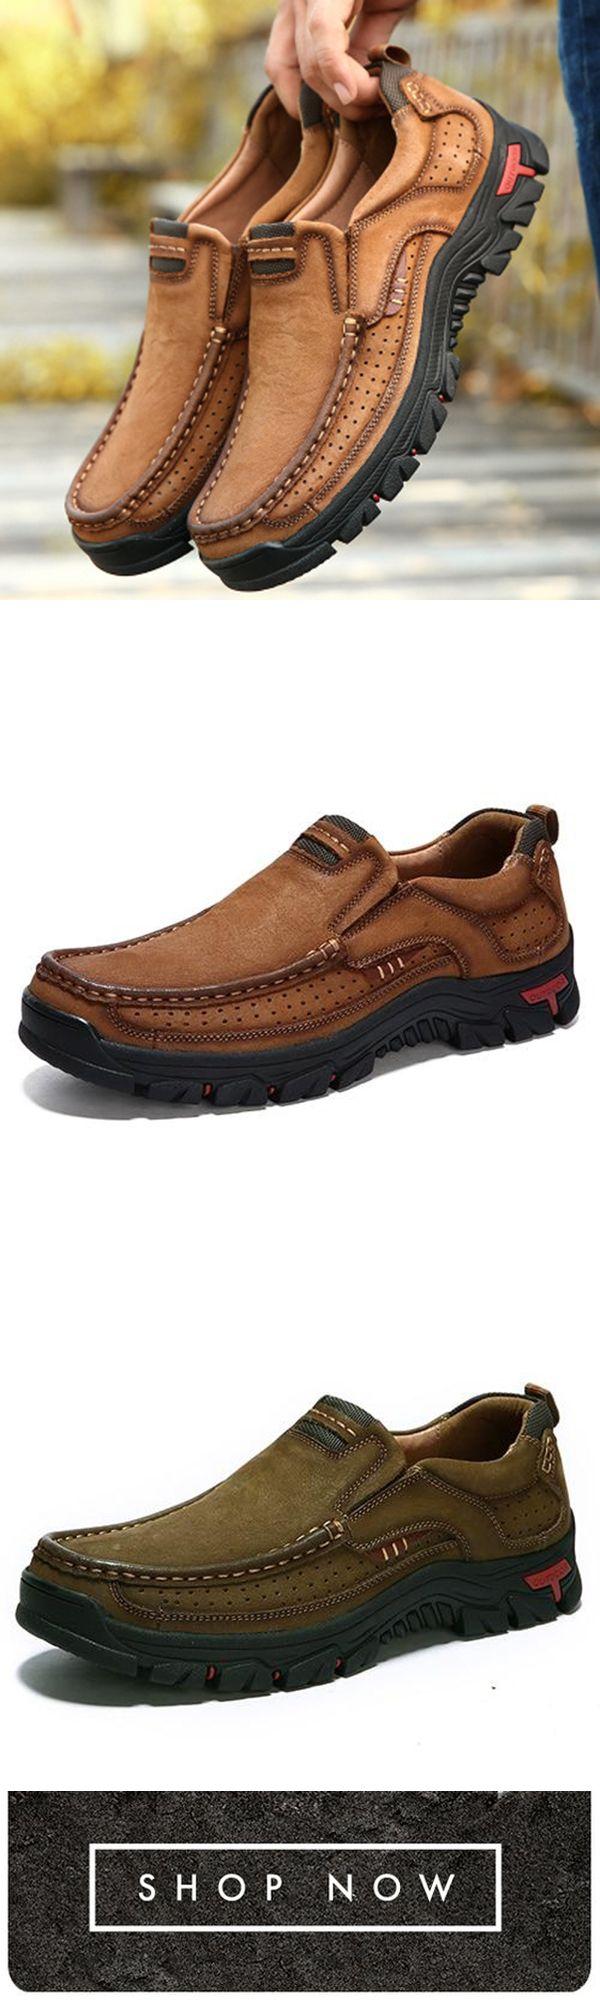 a623d499af40 Men Casual Outdoor Slip-on Genuine Leather Oxfords